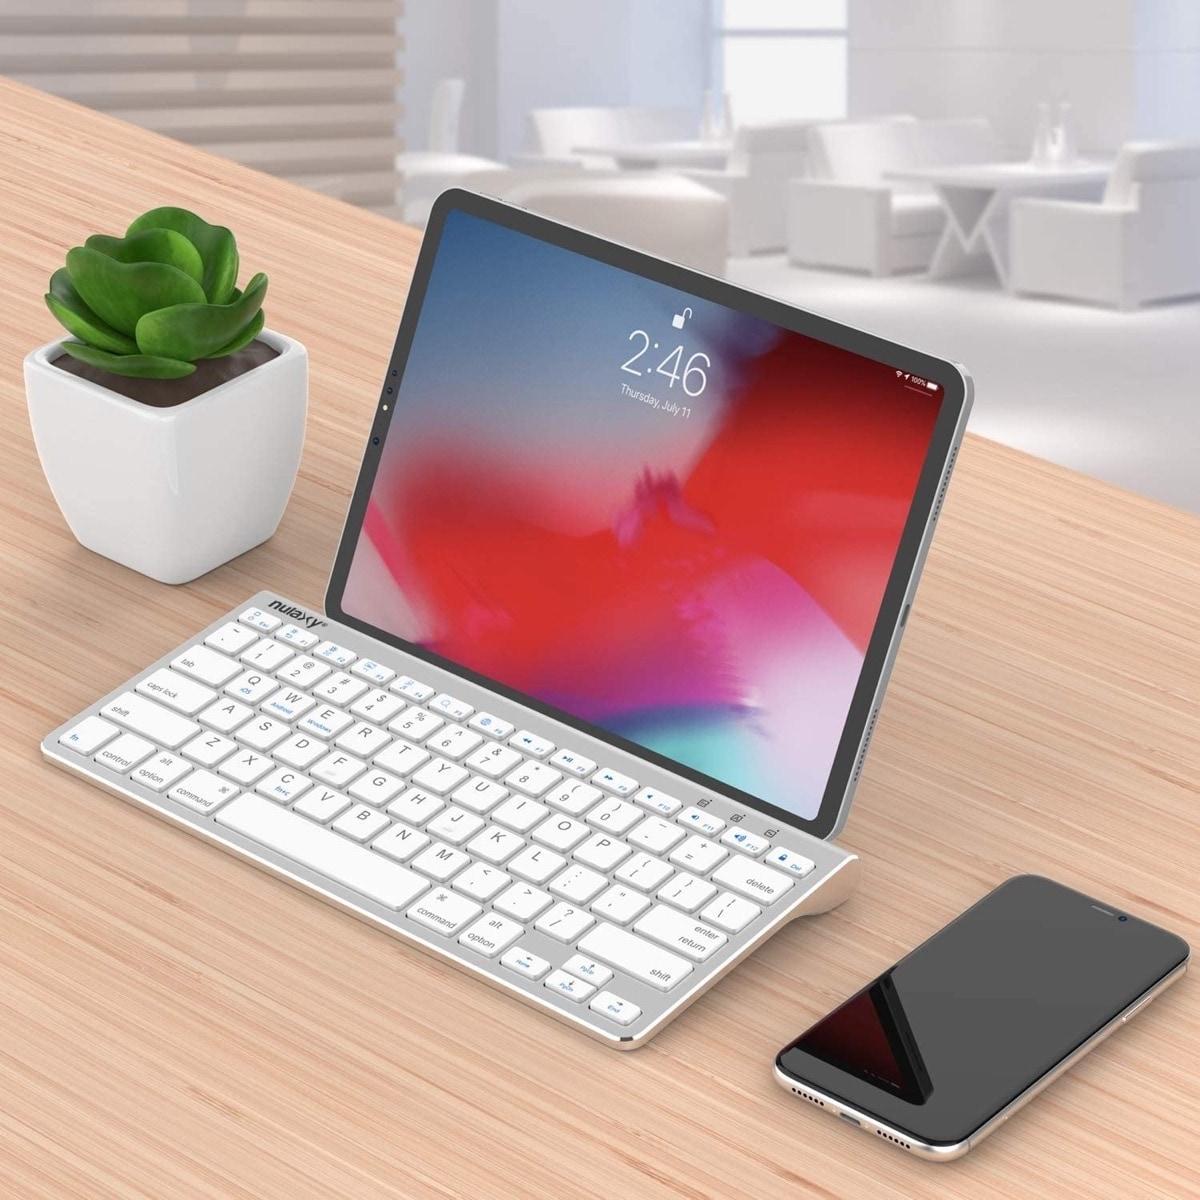 Best desktop keyboard for Amazon Fire HD 10